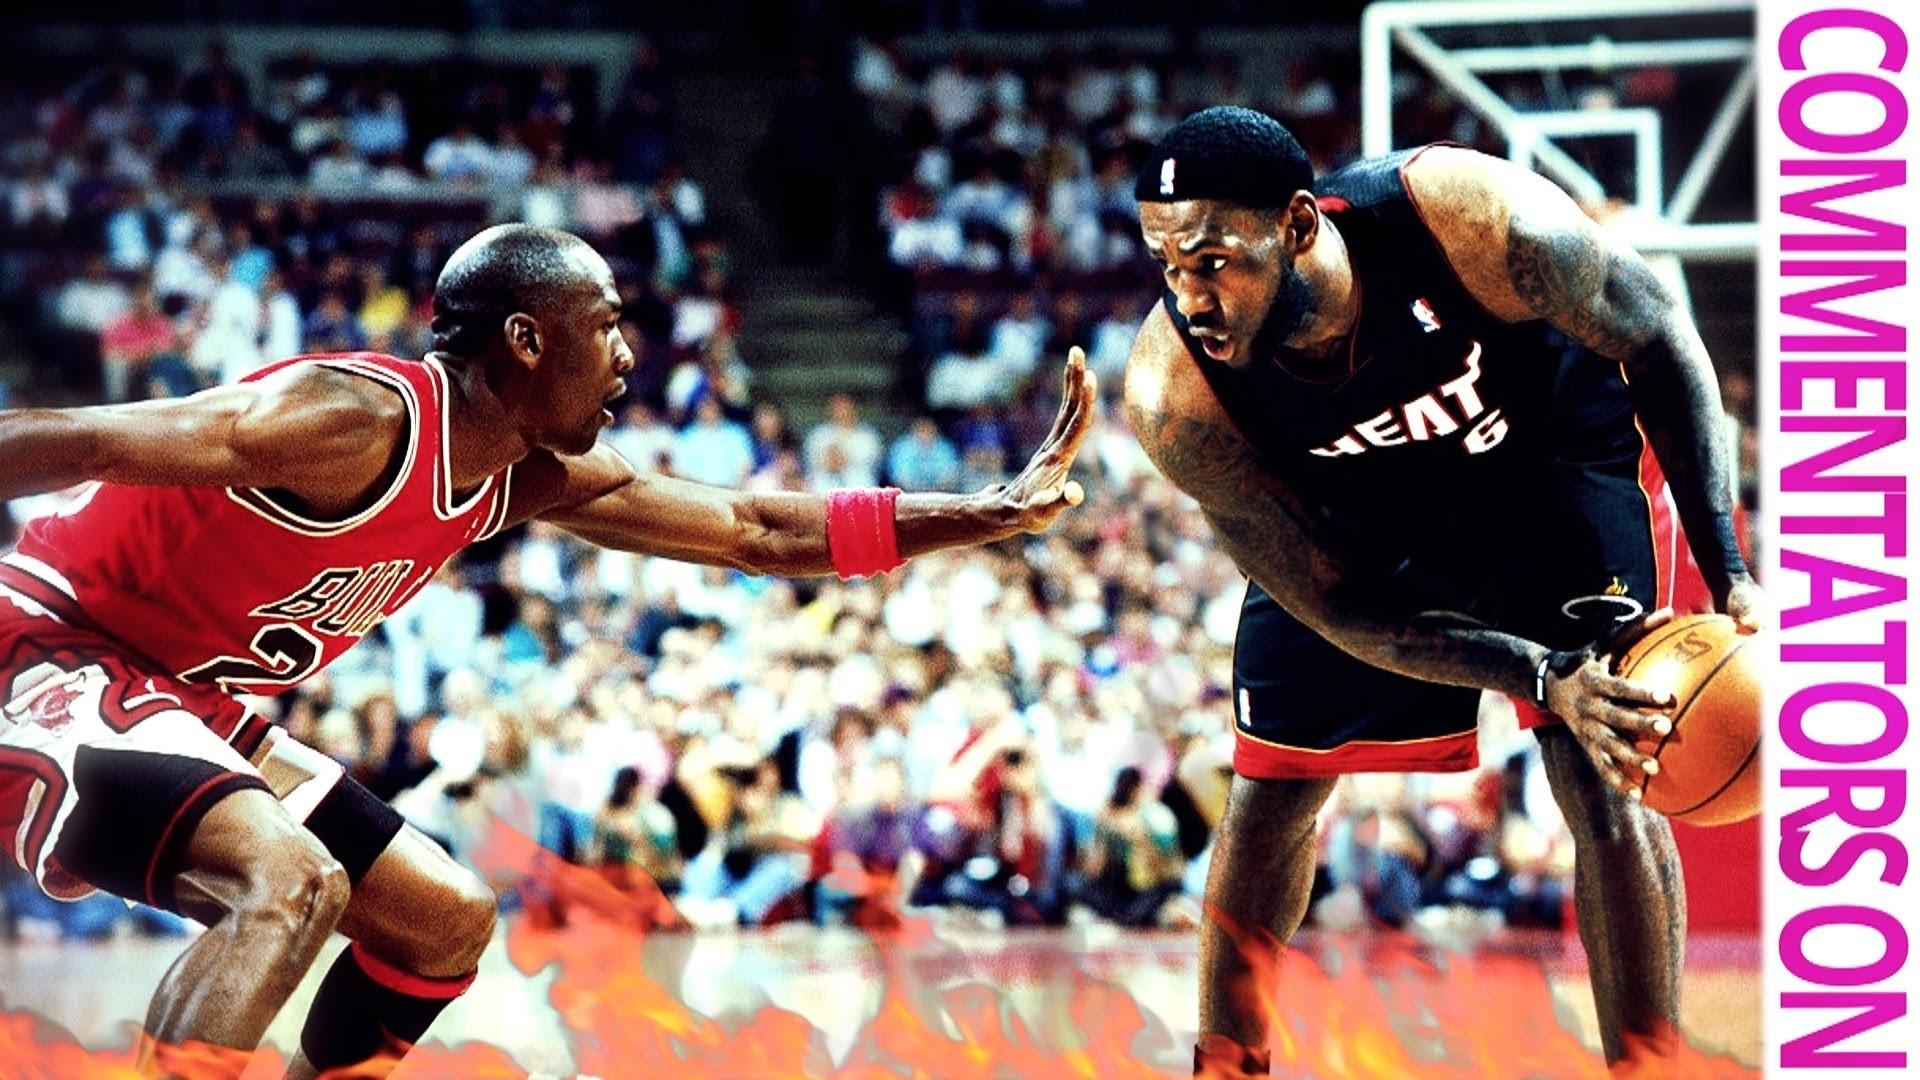 Michael Jordan Wallpaper 1920x1080 74 Images